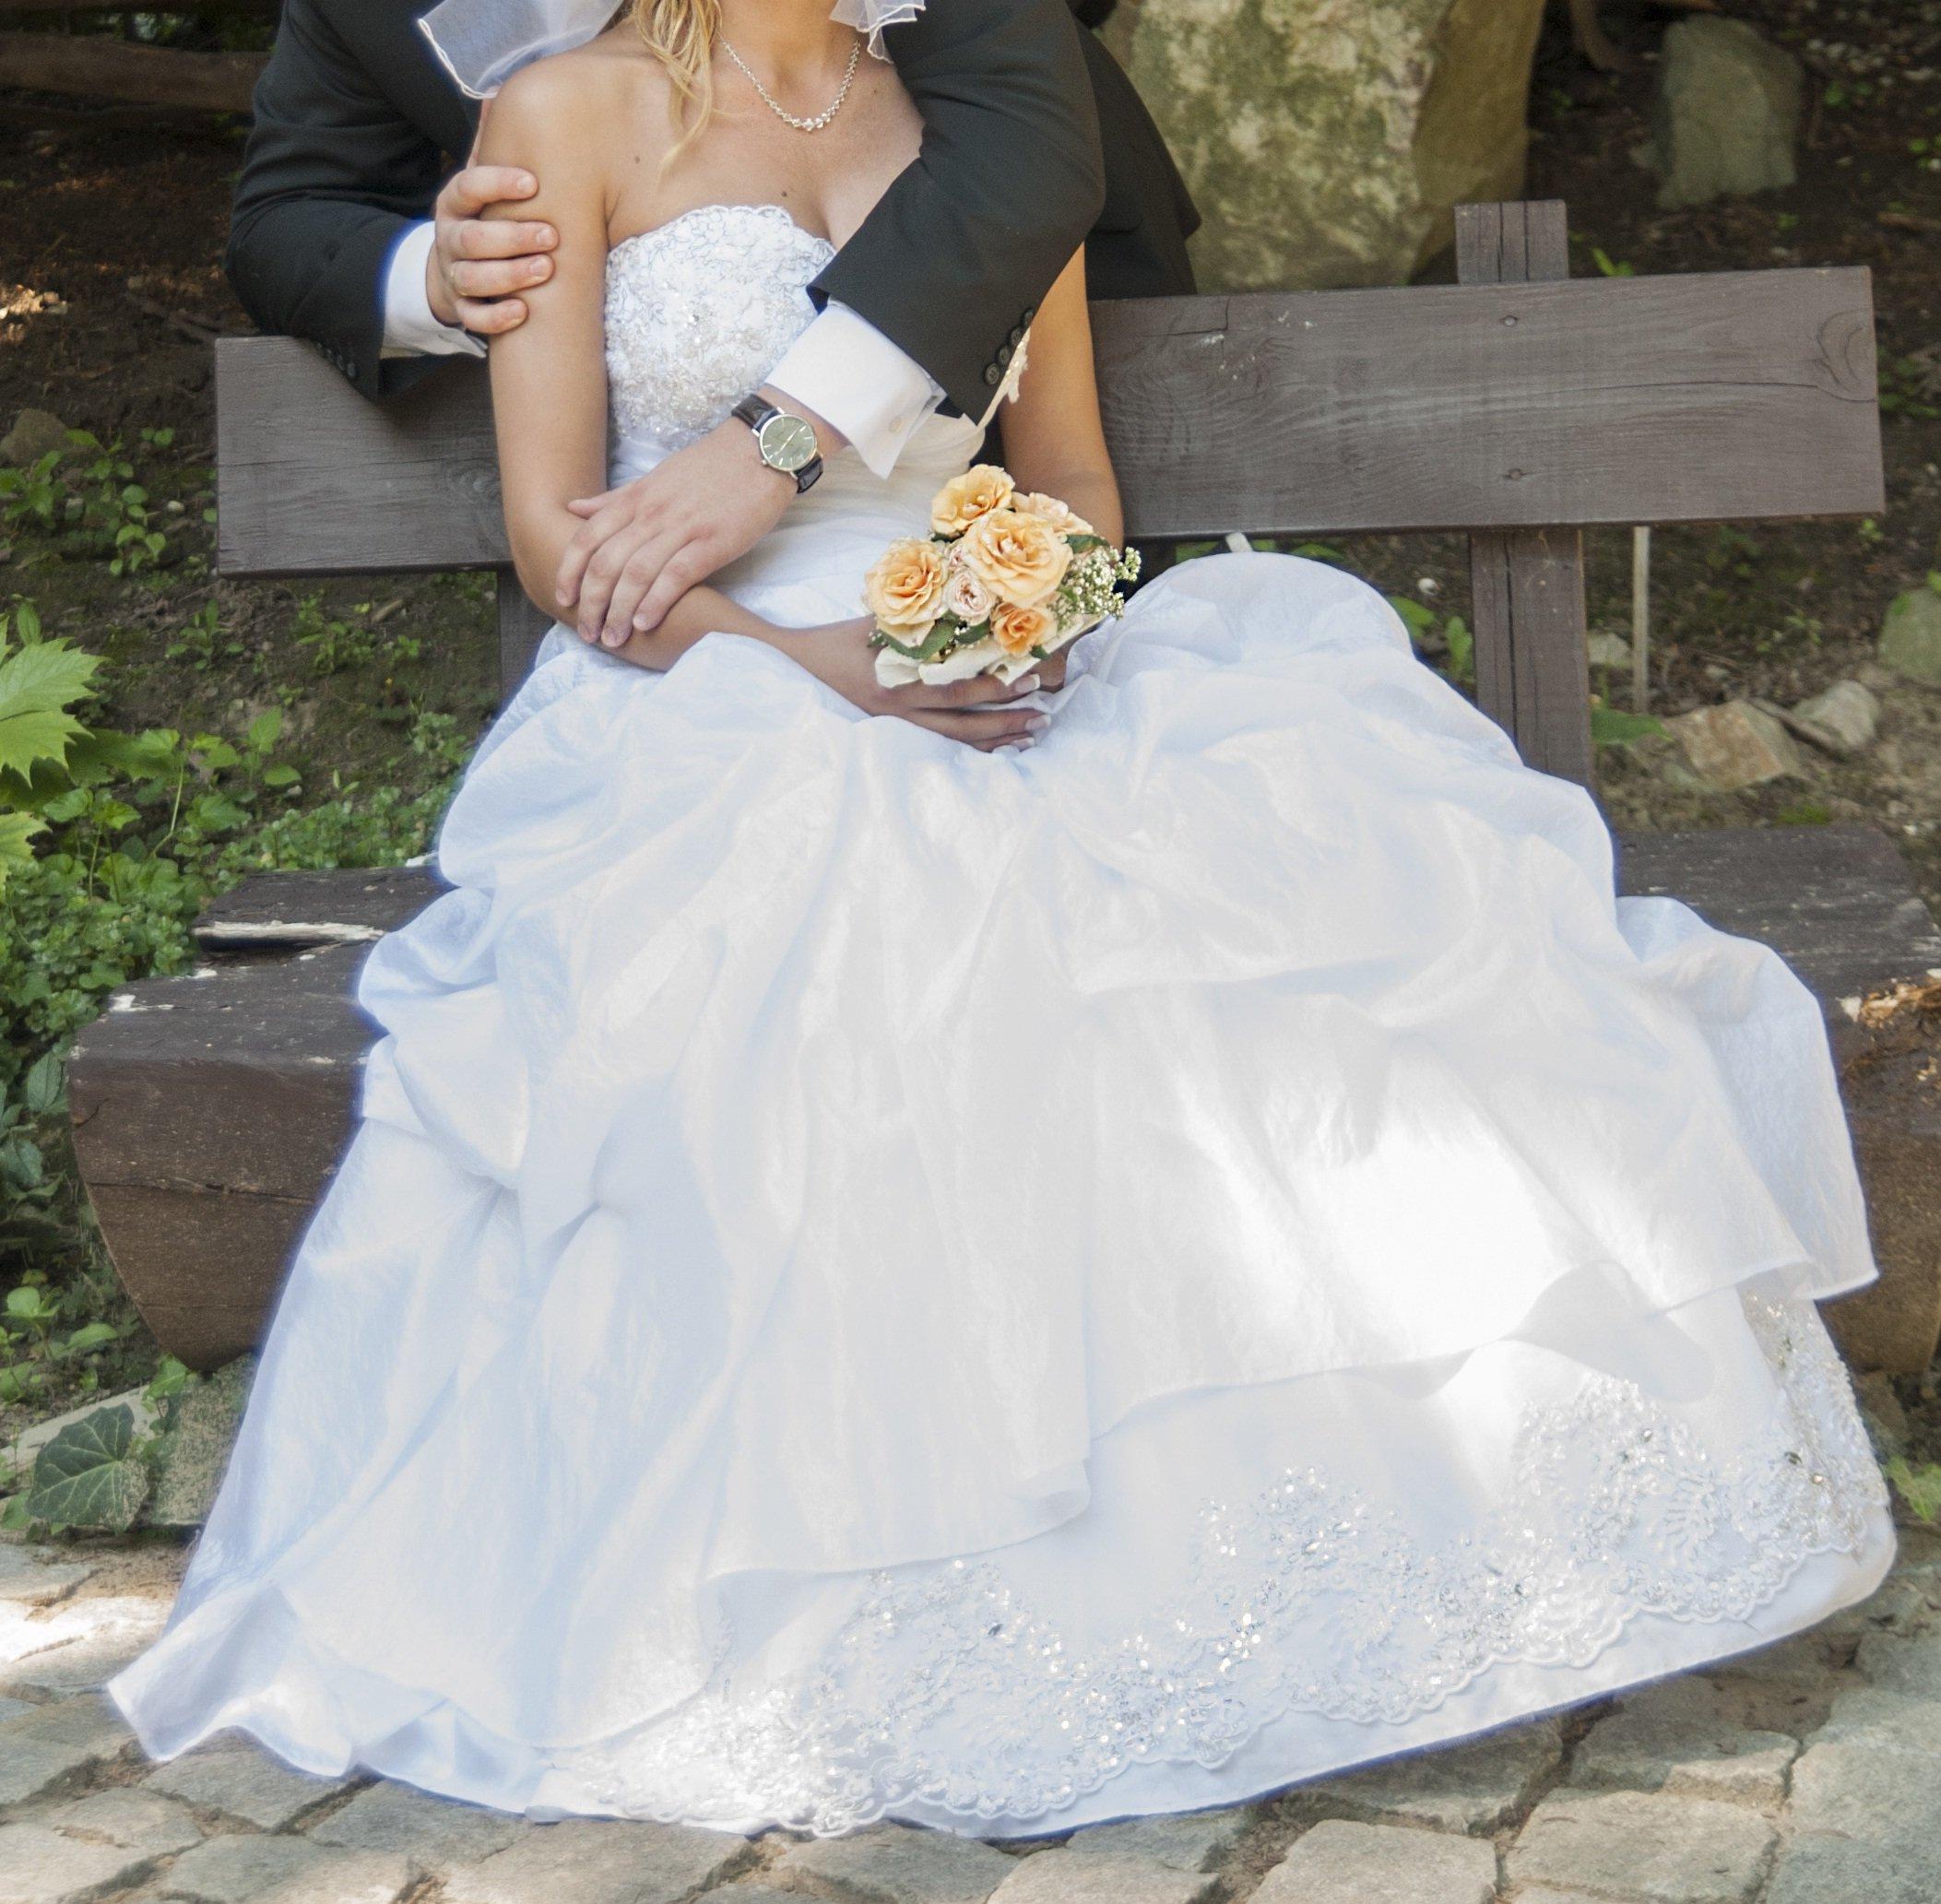 Suknia ślubna Biała Roz 38 40 6691497895 Oficjalne Archiwum Allegro